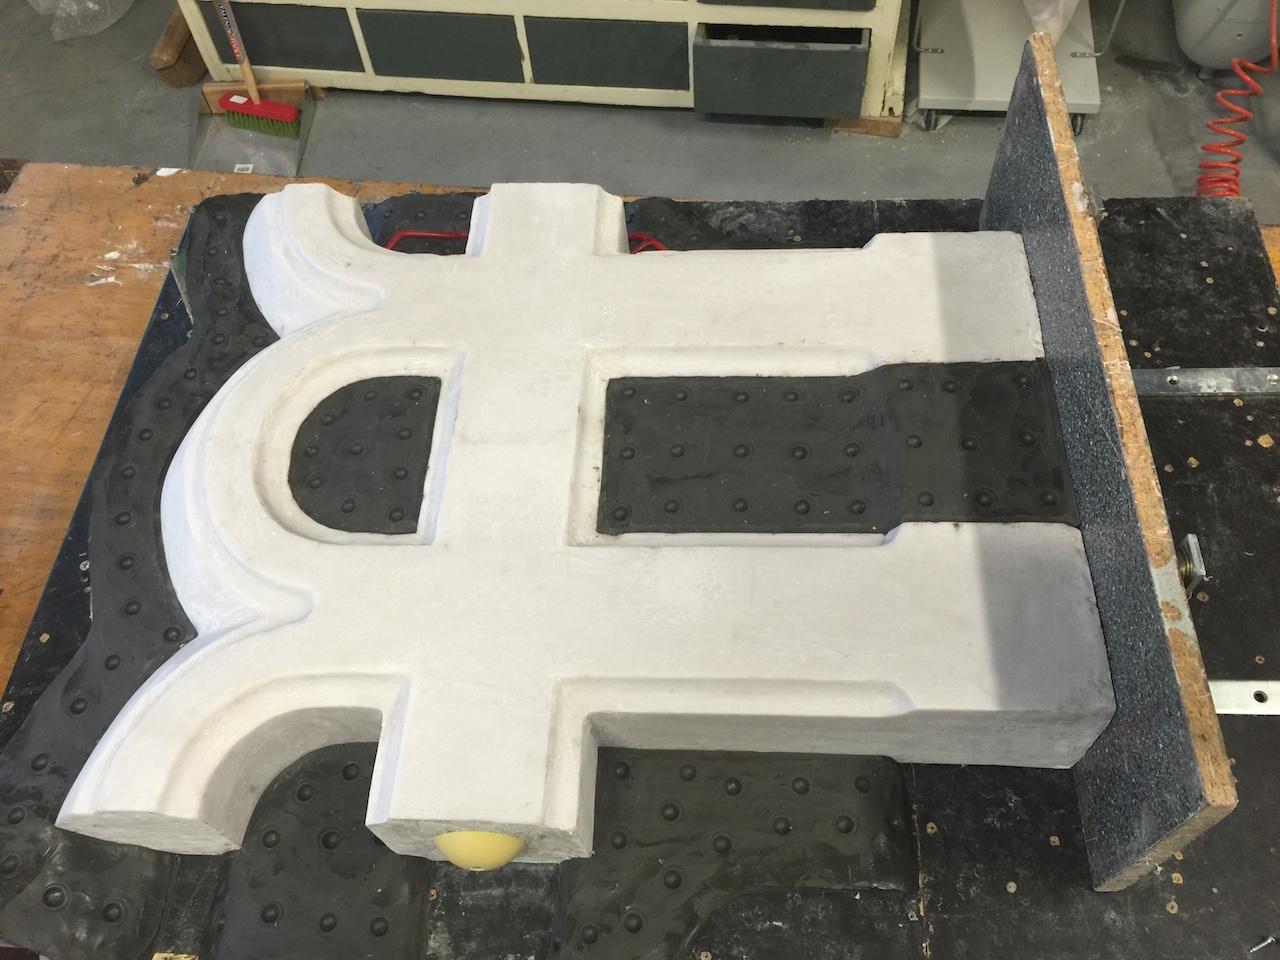 Zeer Beton mallen van polyurethaan - Noblabla &PB03